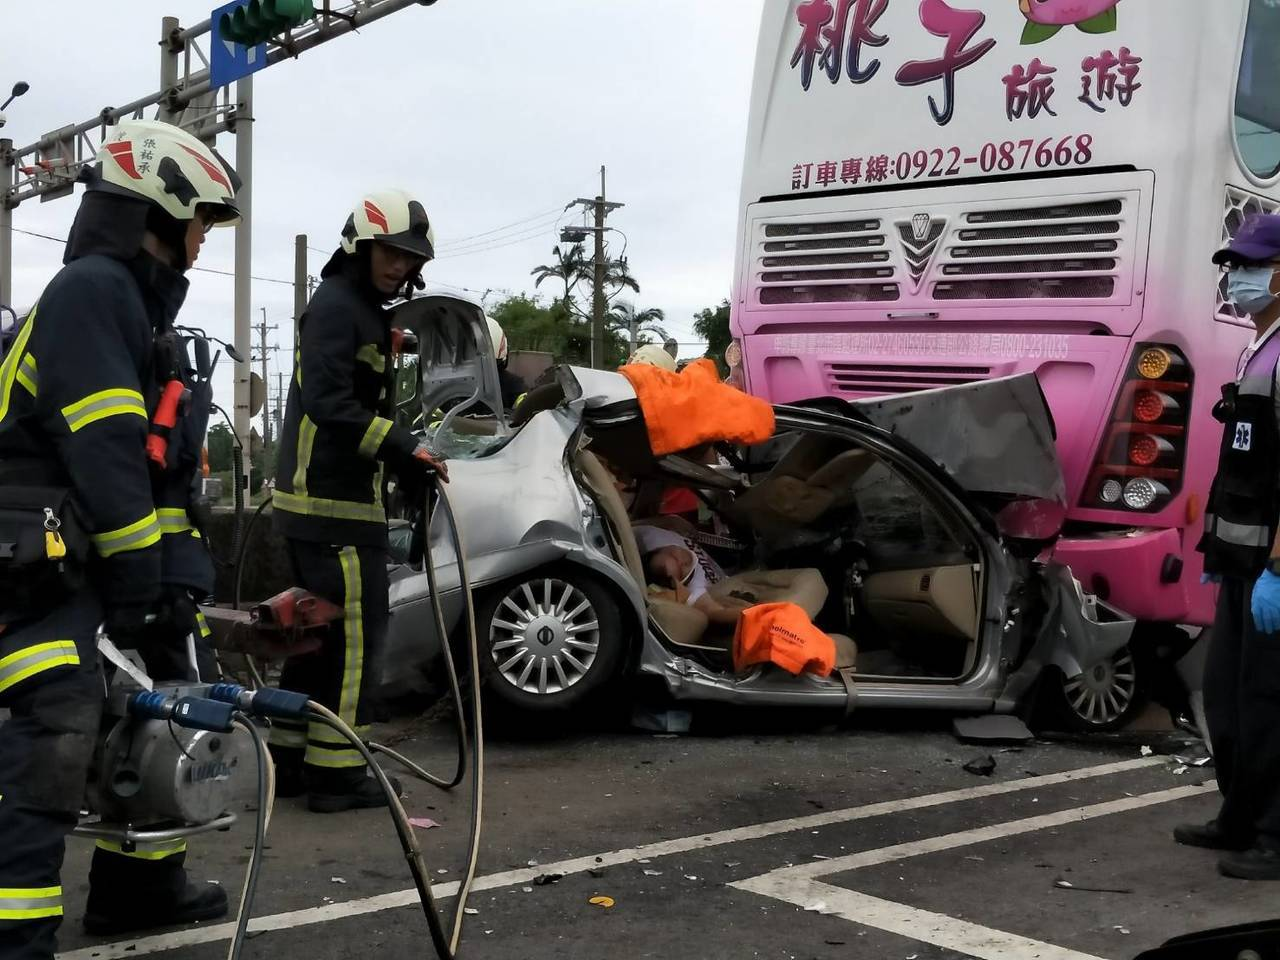 轎車嚴重變形,消防隊員設法救出駕駛座受困男子。記者鄭國樑/翻攝